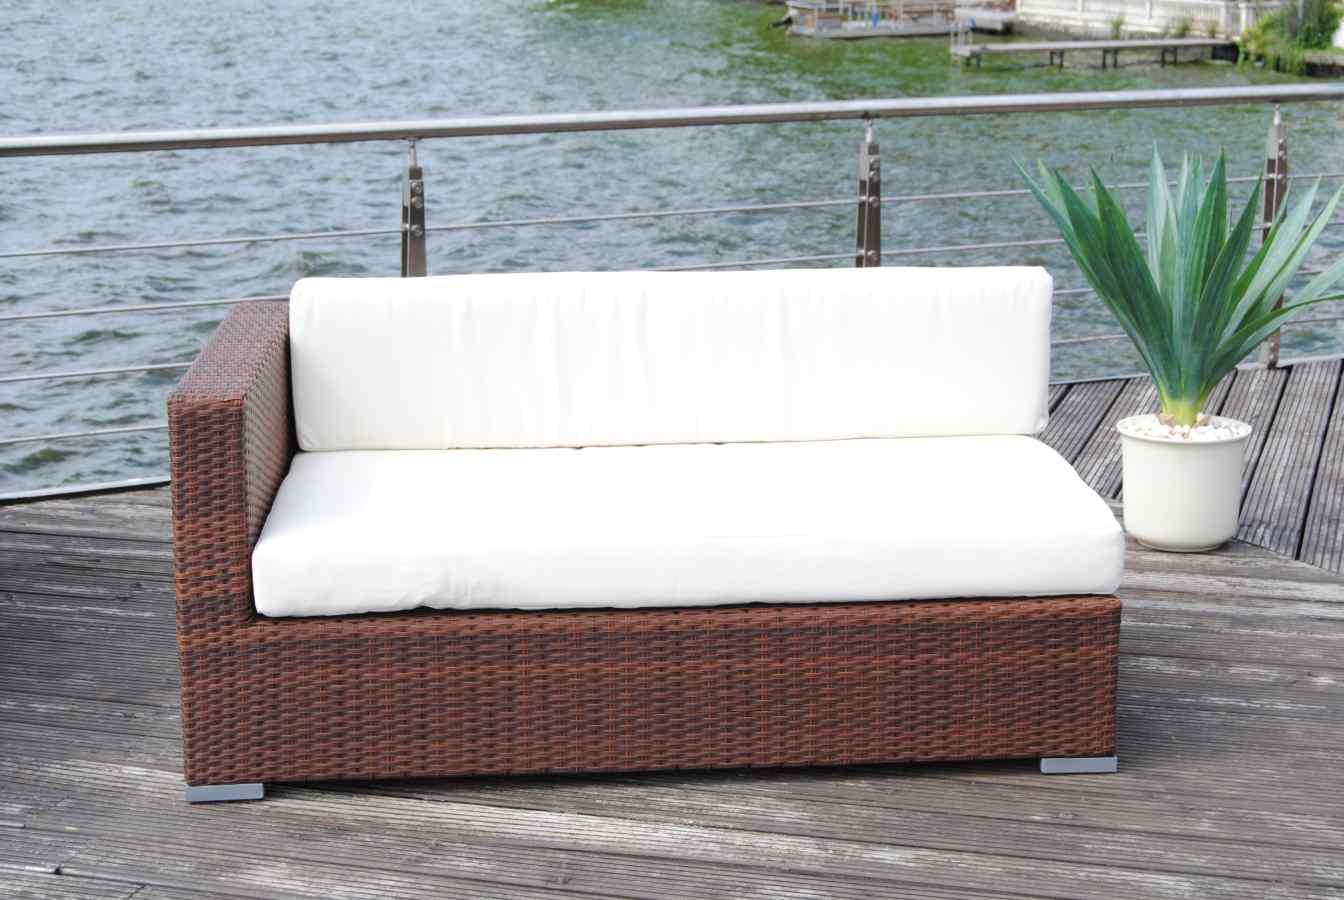 artelia zweisitzer rechts. Black Bedroom Furniture Sets. Home Design Ideas